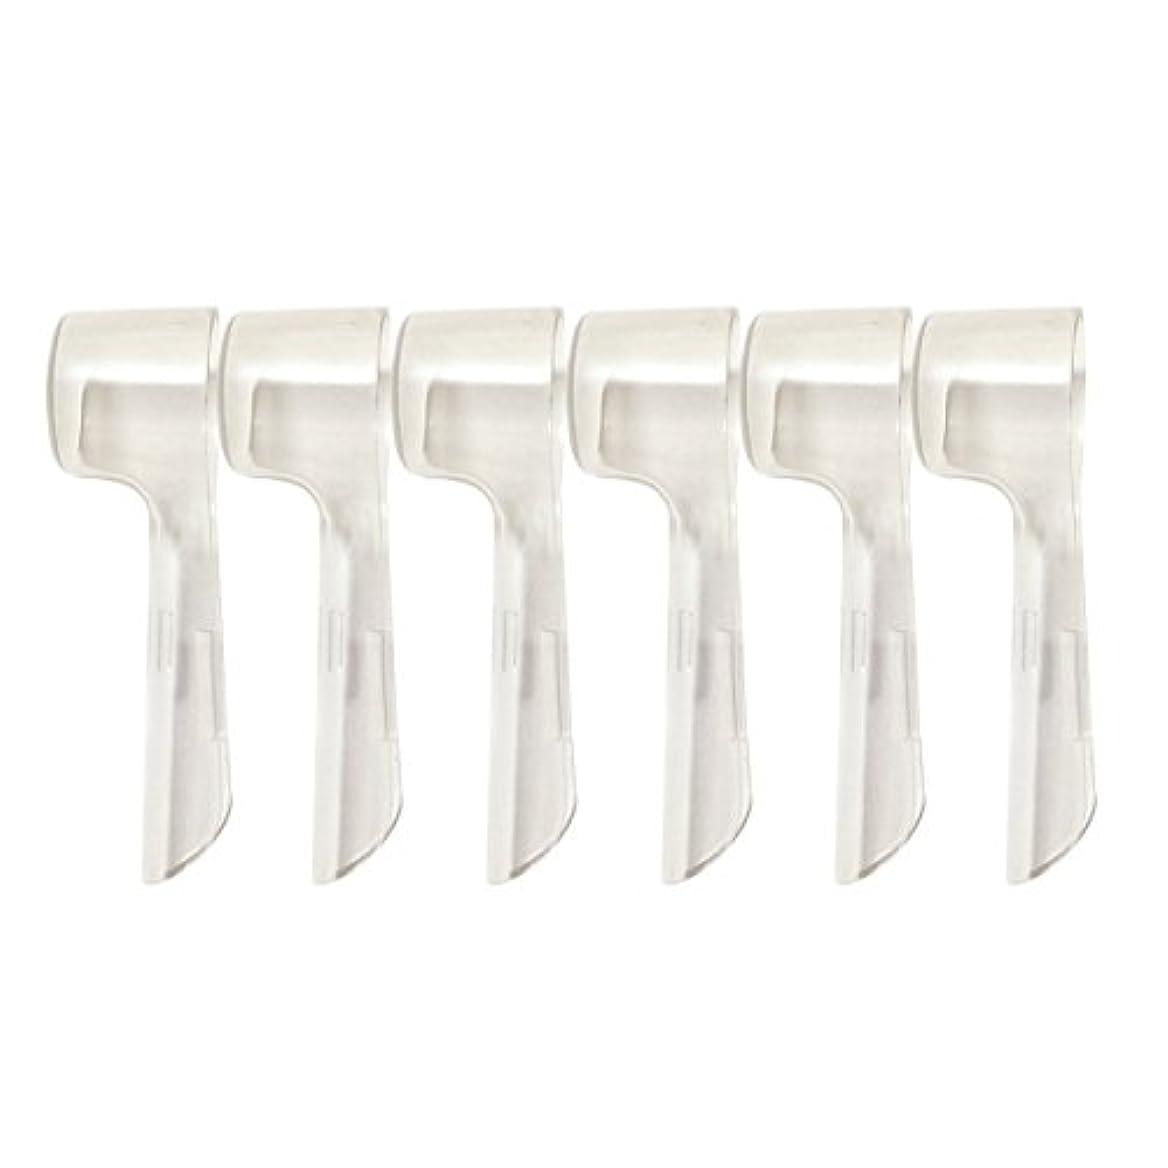 争い薬議題SUPVOX 旅行のために便利な電動歯ブラシのための6本の歯ブラシヘッド保護カバーとより衛生的にするために細菌をほこりから守るためのより衛生的な